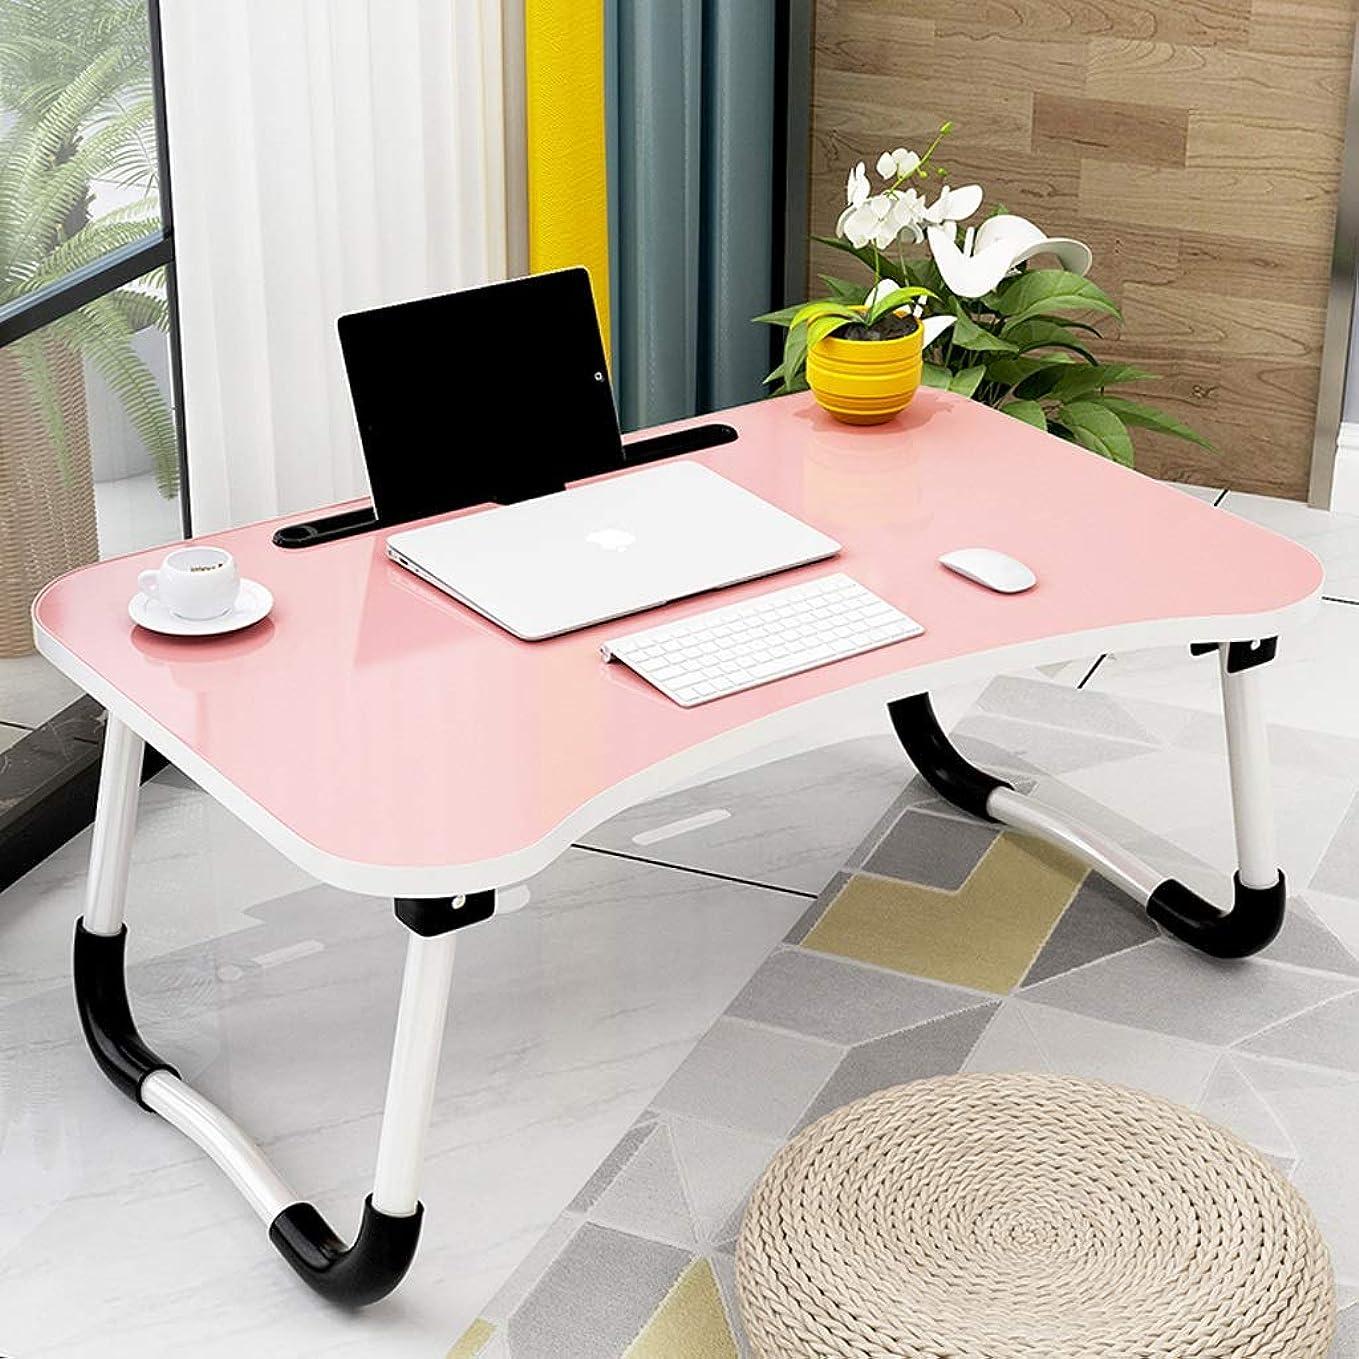 キャラバン感謝する不安定SGLI ベッドデスク寮のラップトップテーブル折りたたみ怠惰なテーブル取り外し可能な小さなテーブル 折りたたみ式コンピュータテーブル (Color : A)